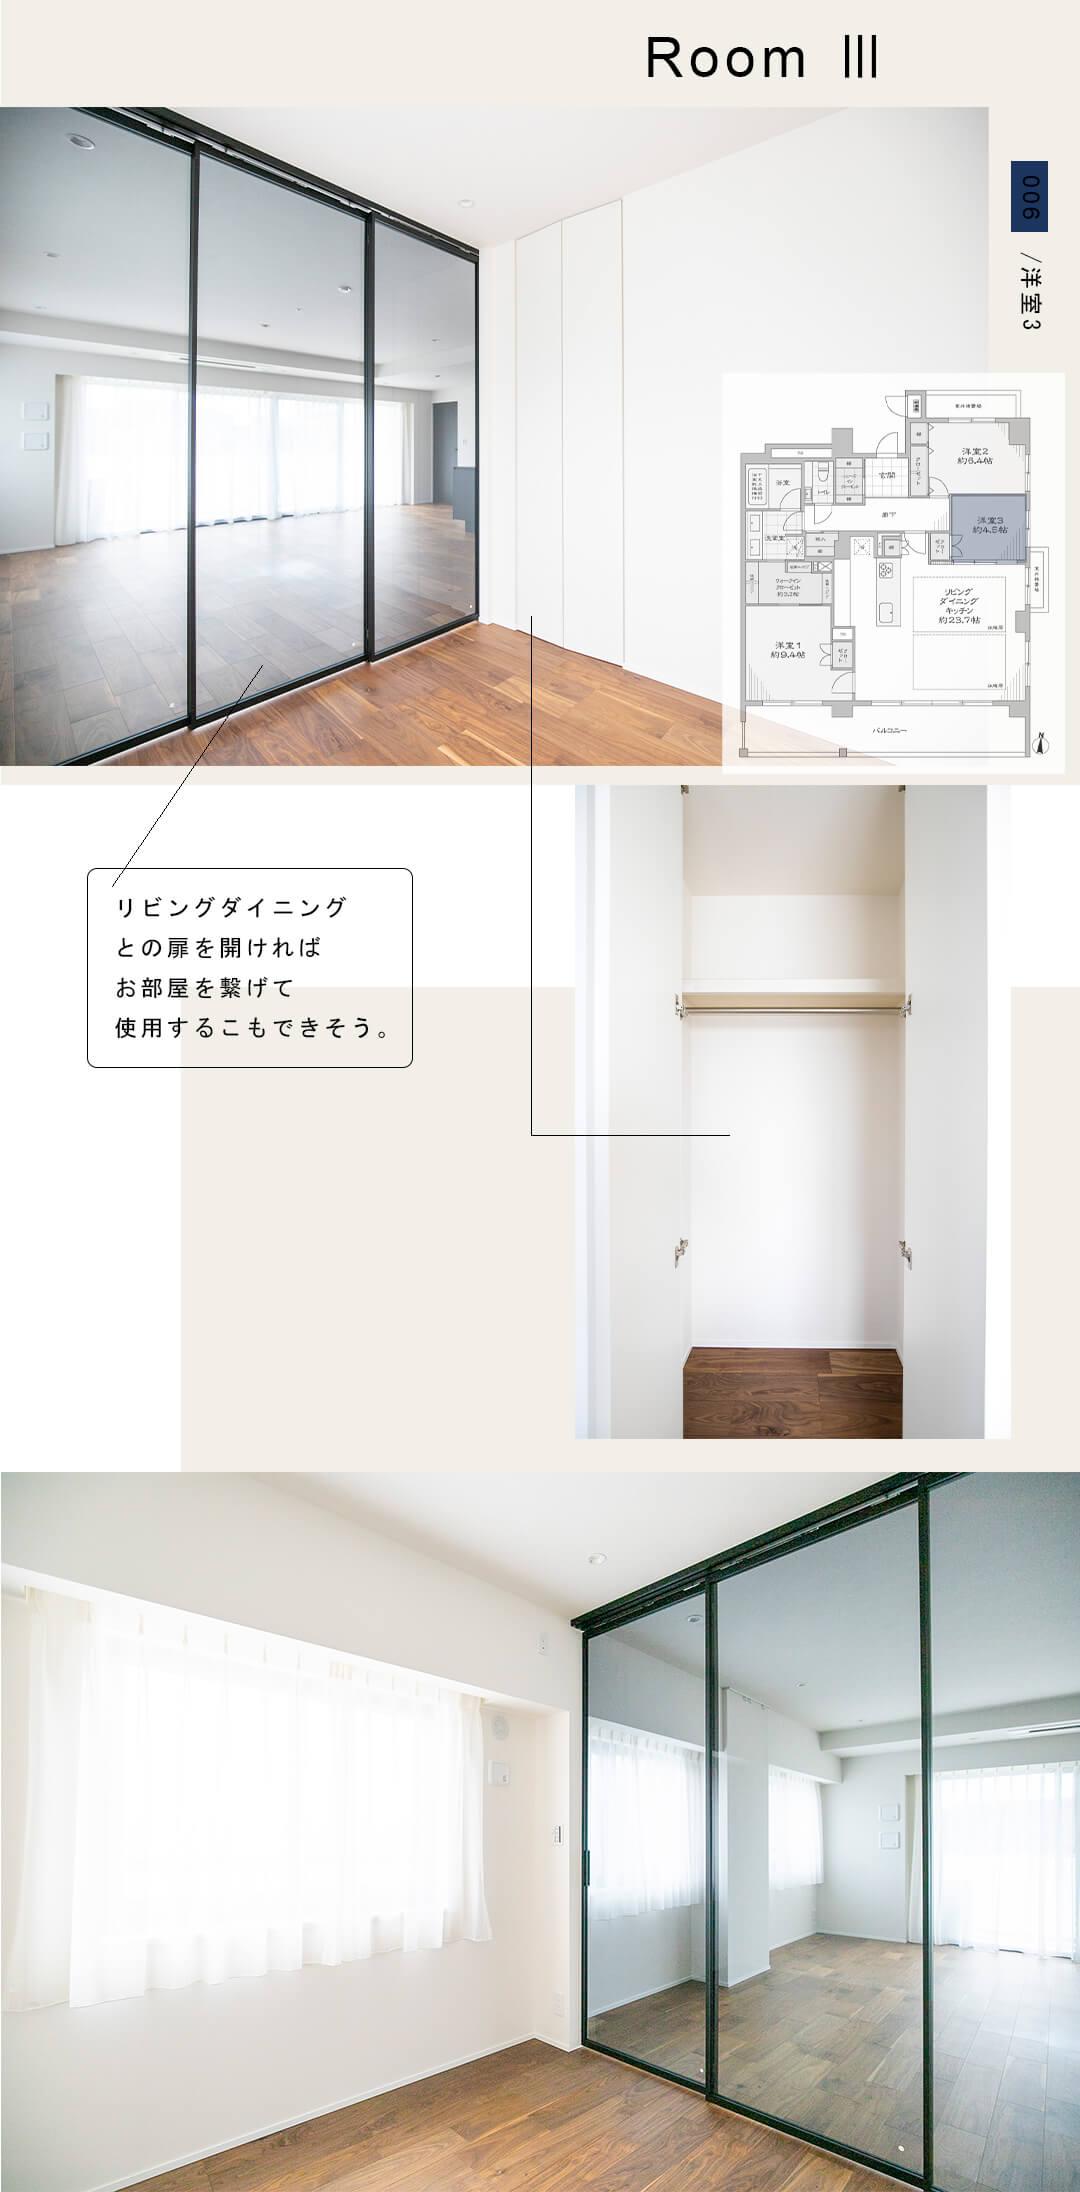 006洋室3.Room Ⅲ